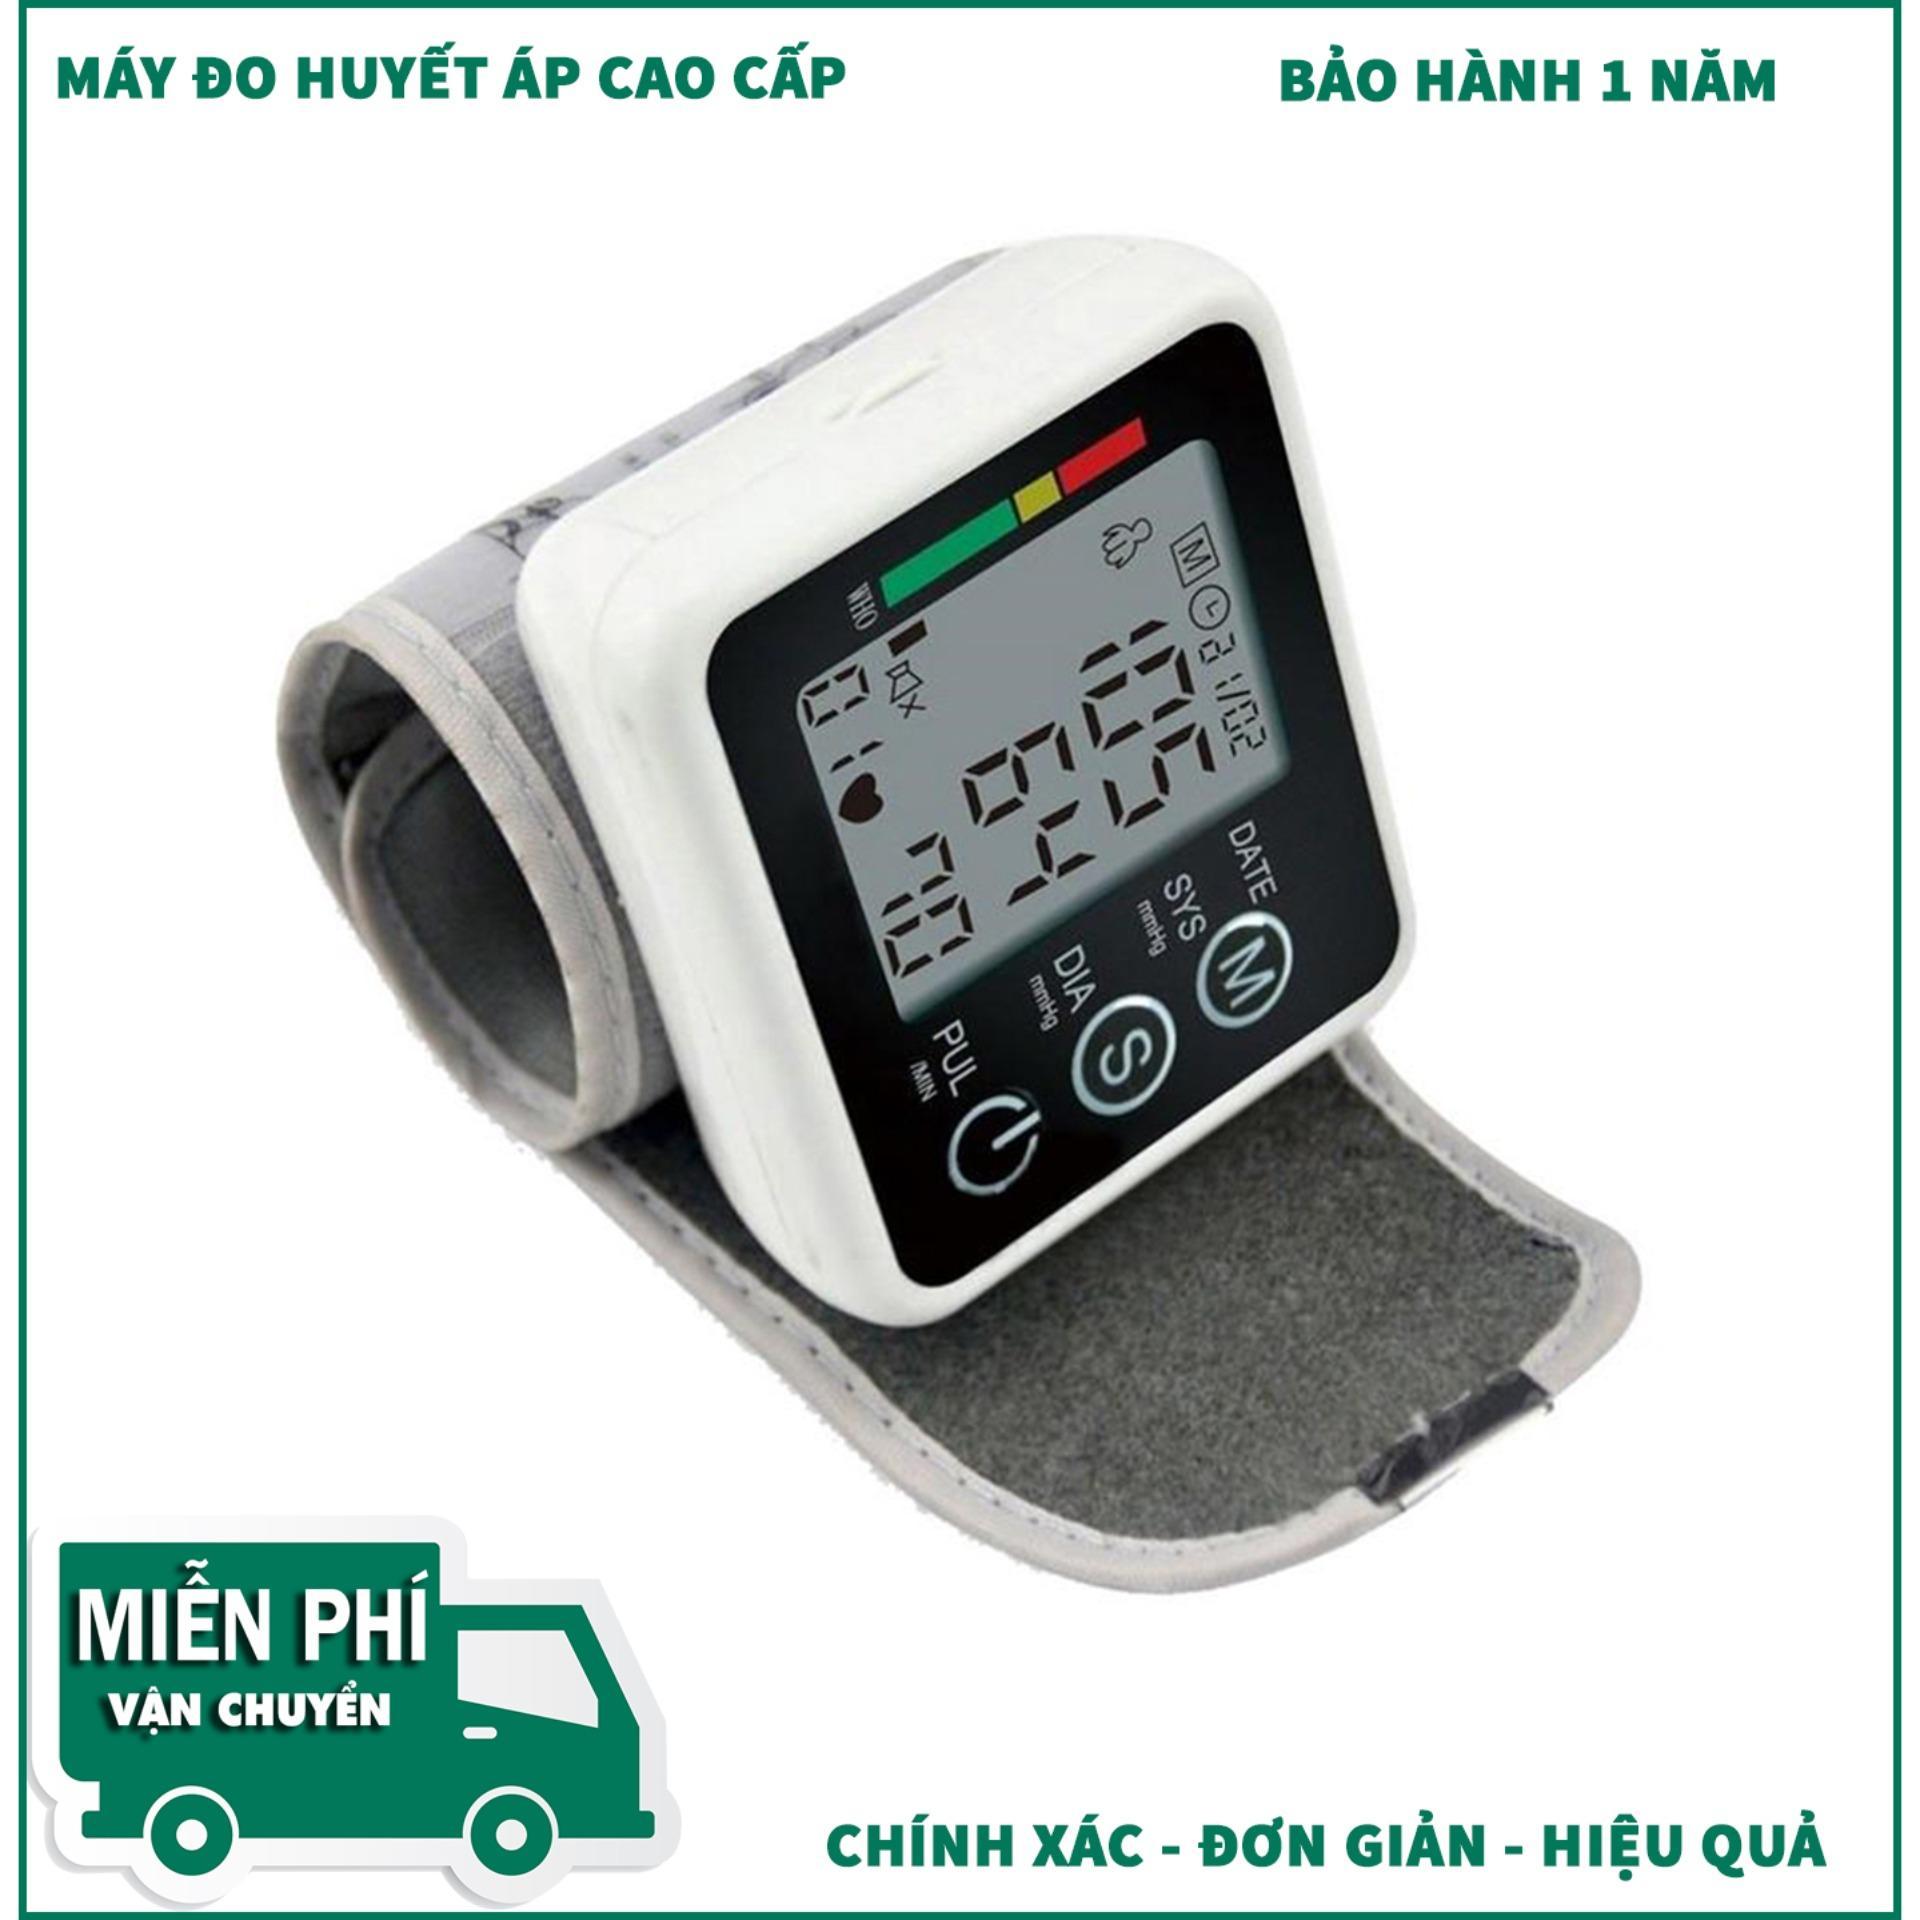 May do huyet ap, May do huyet ap co tay, Máy đo huyết áp điện tử của Nhat, Thuốc chữa huyết áp cao - Máy đo huyết áp điện tử, chính xác, dễ sử dụng  - Mã BH 1292